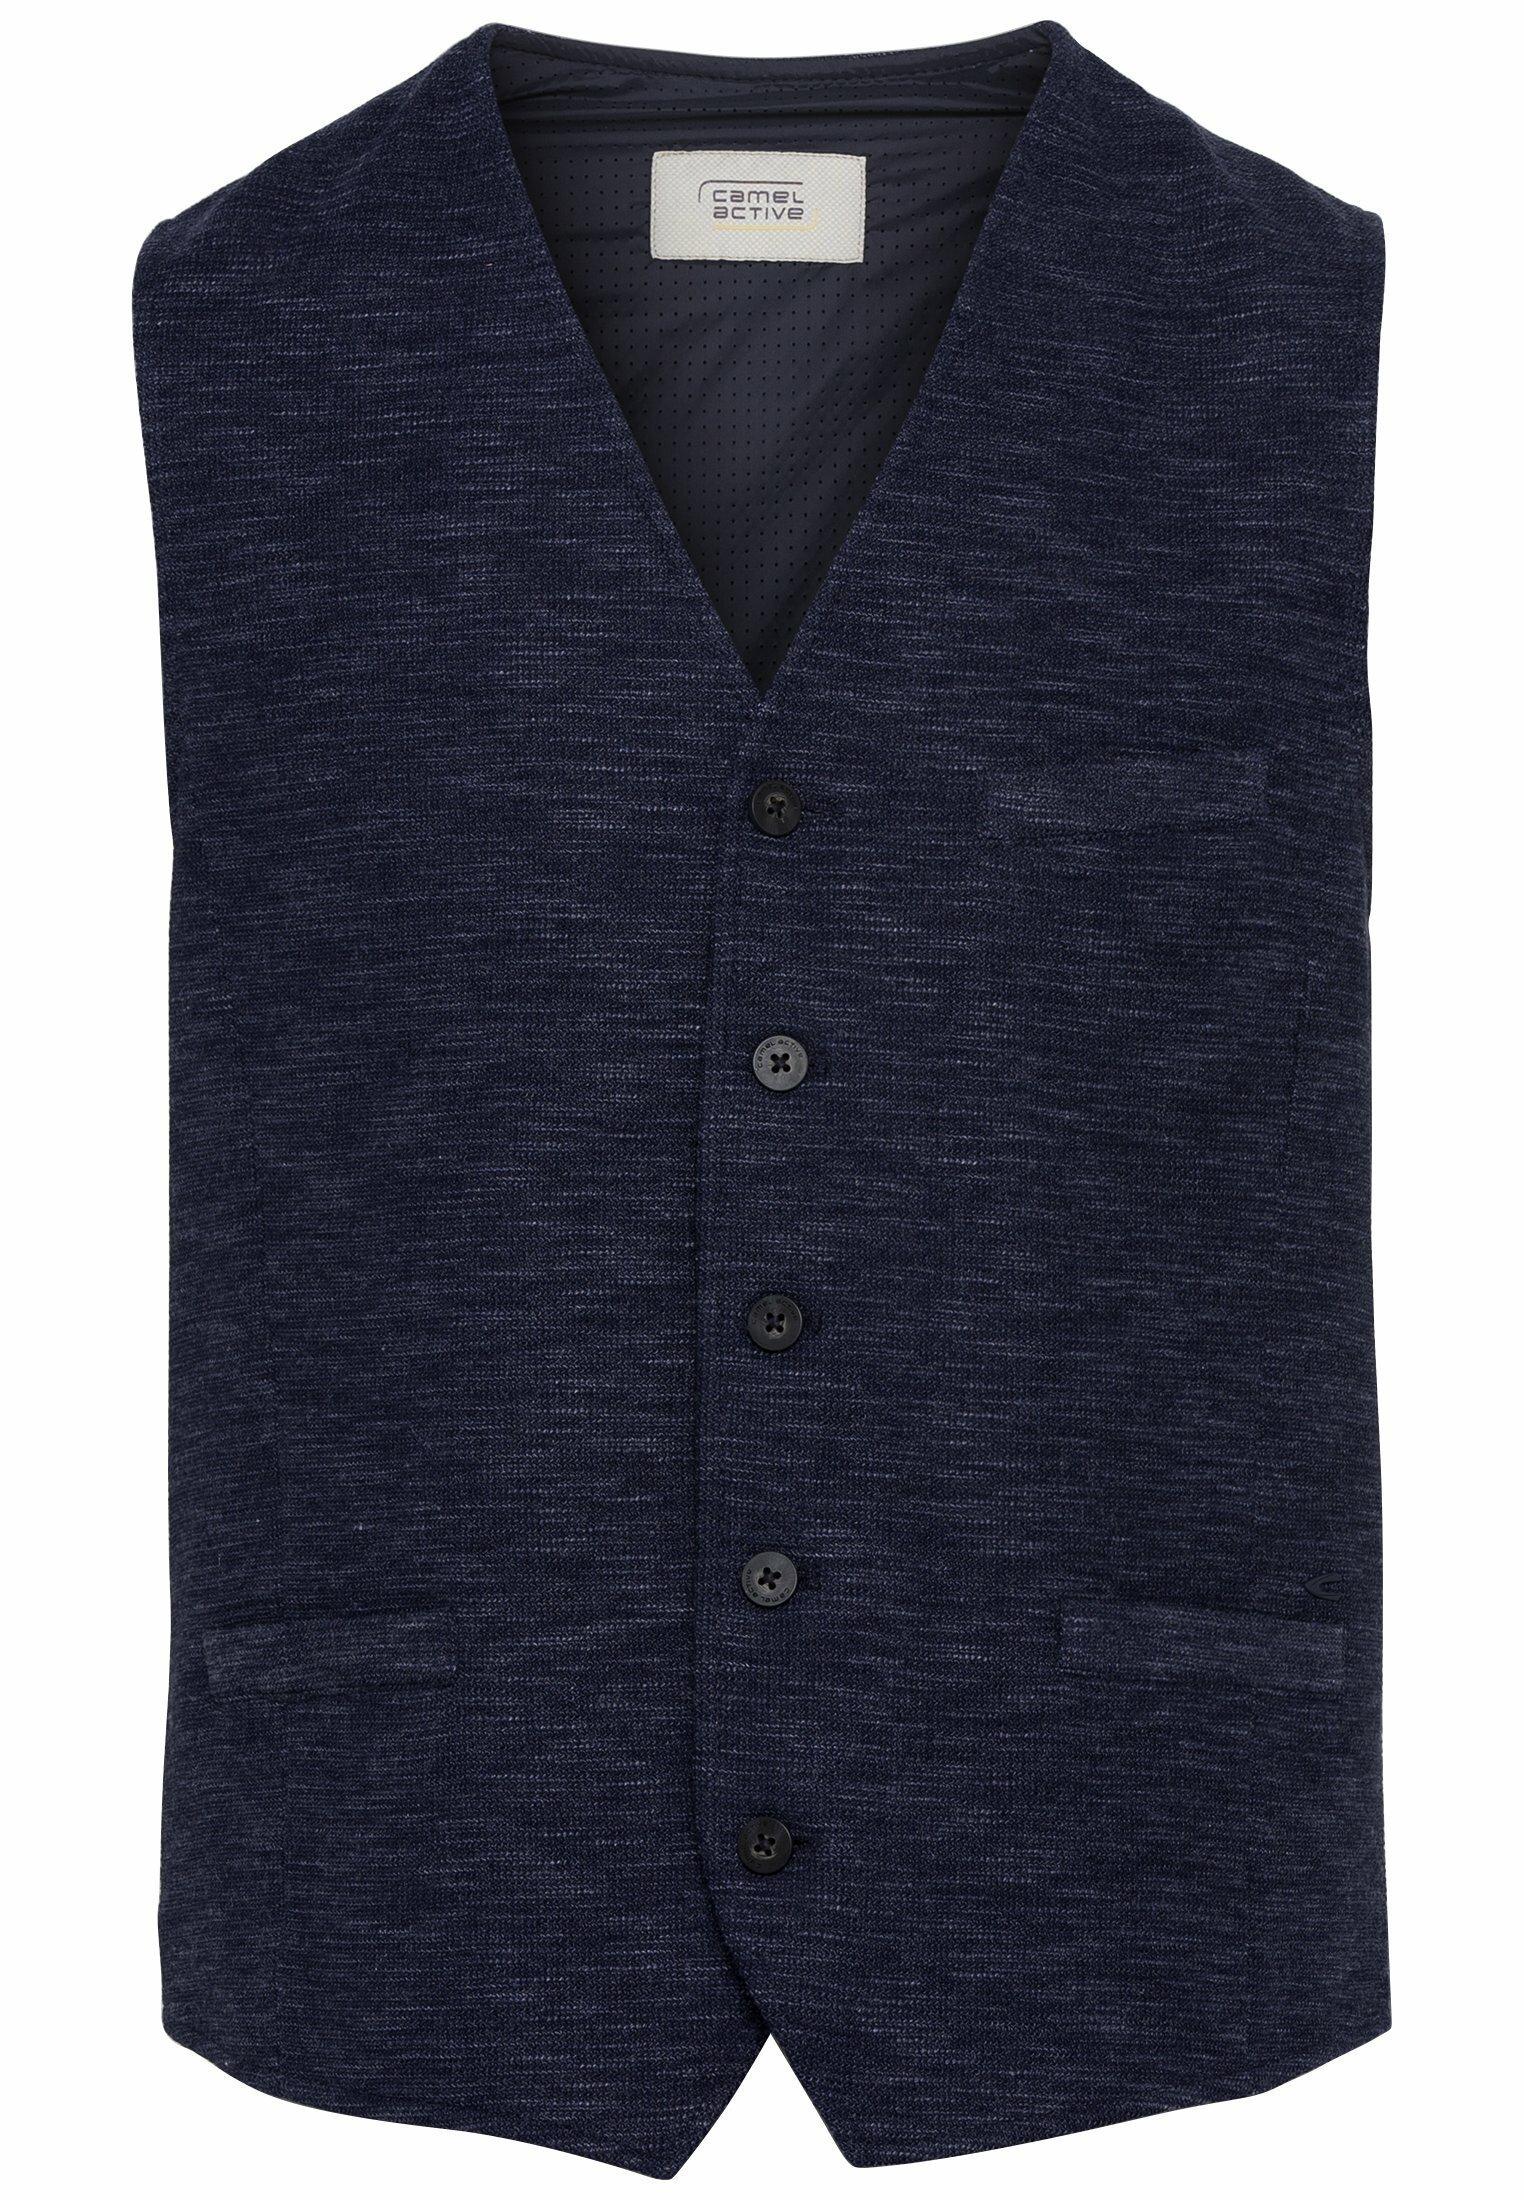 Jacken für Herren riesige Auswahl online | ZALANDO